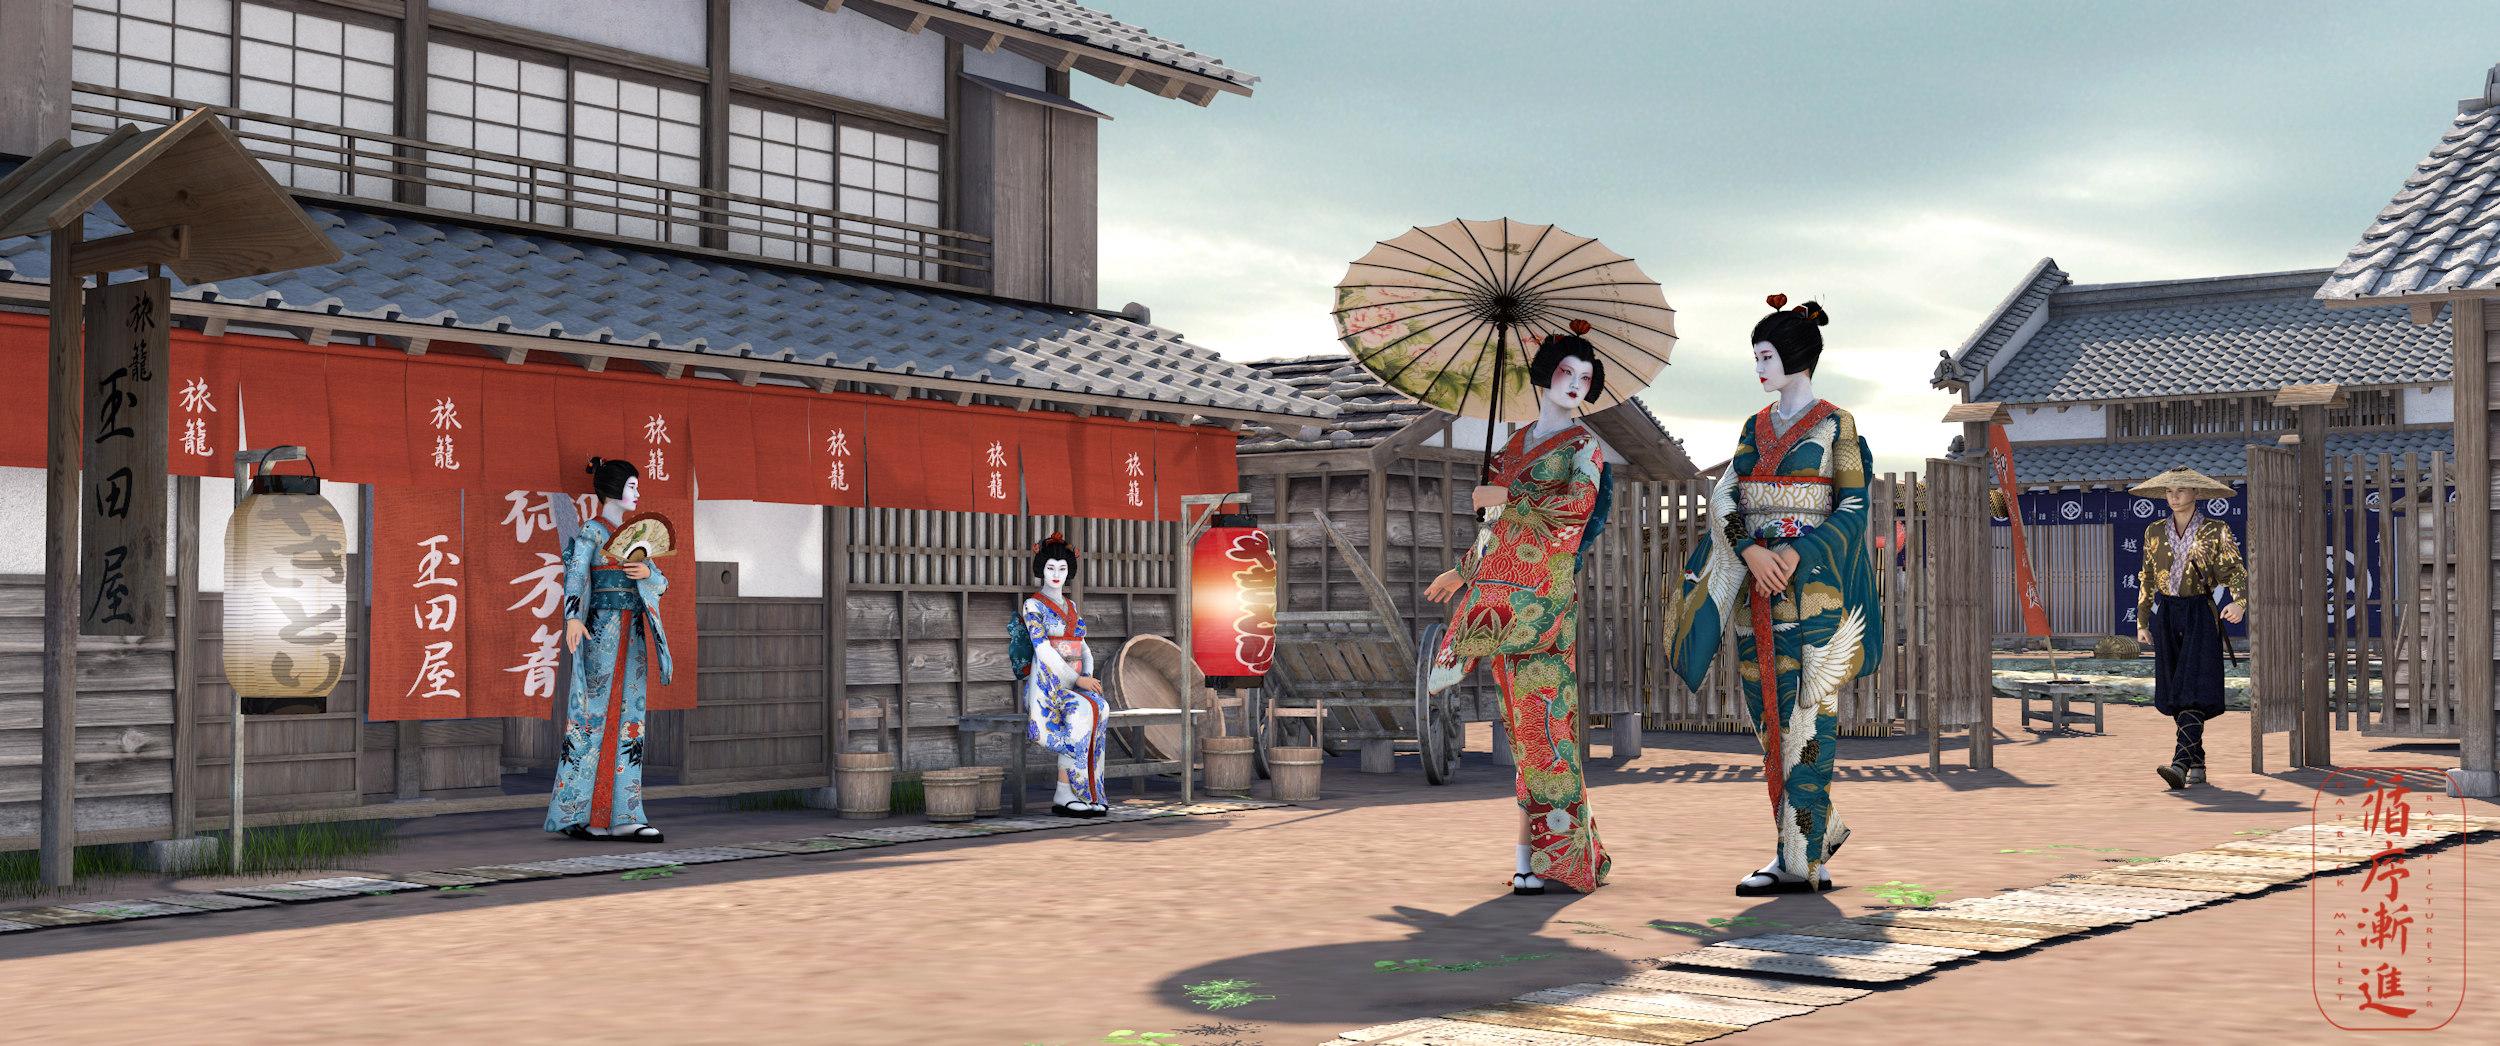 ma vision du  japon - Page 3 Villag19